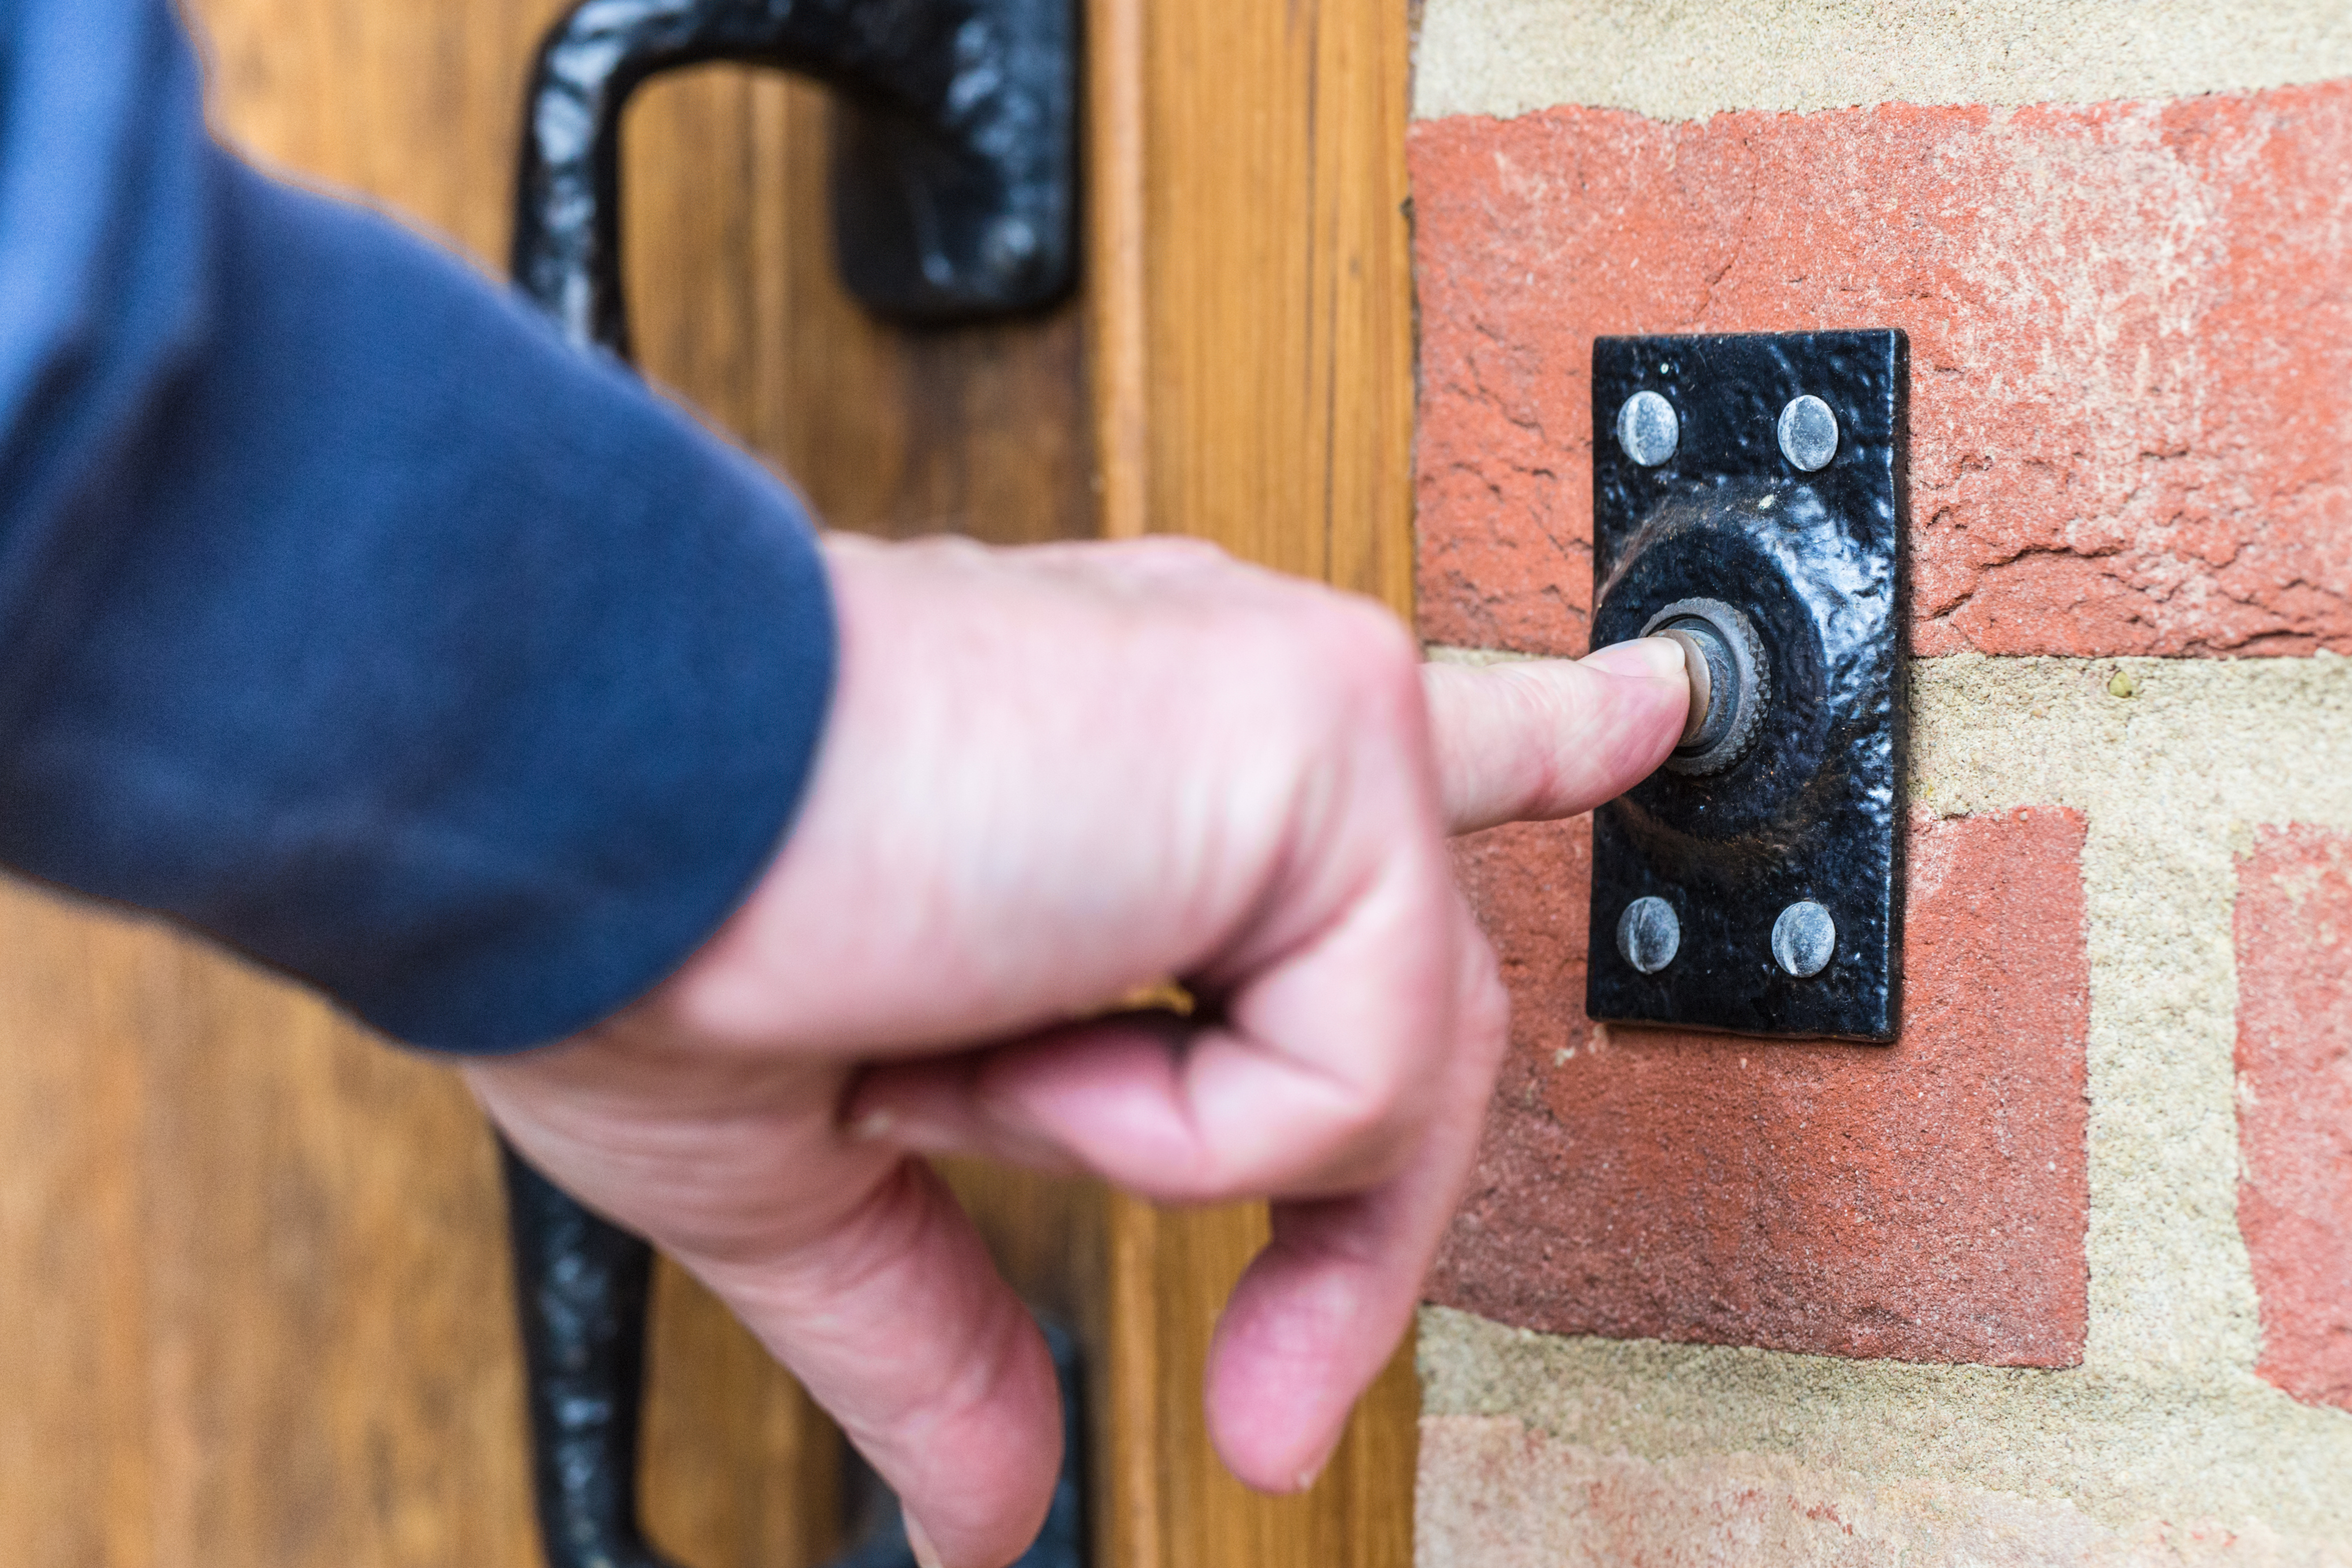 Doorbell etiquette